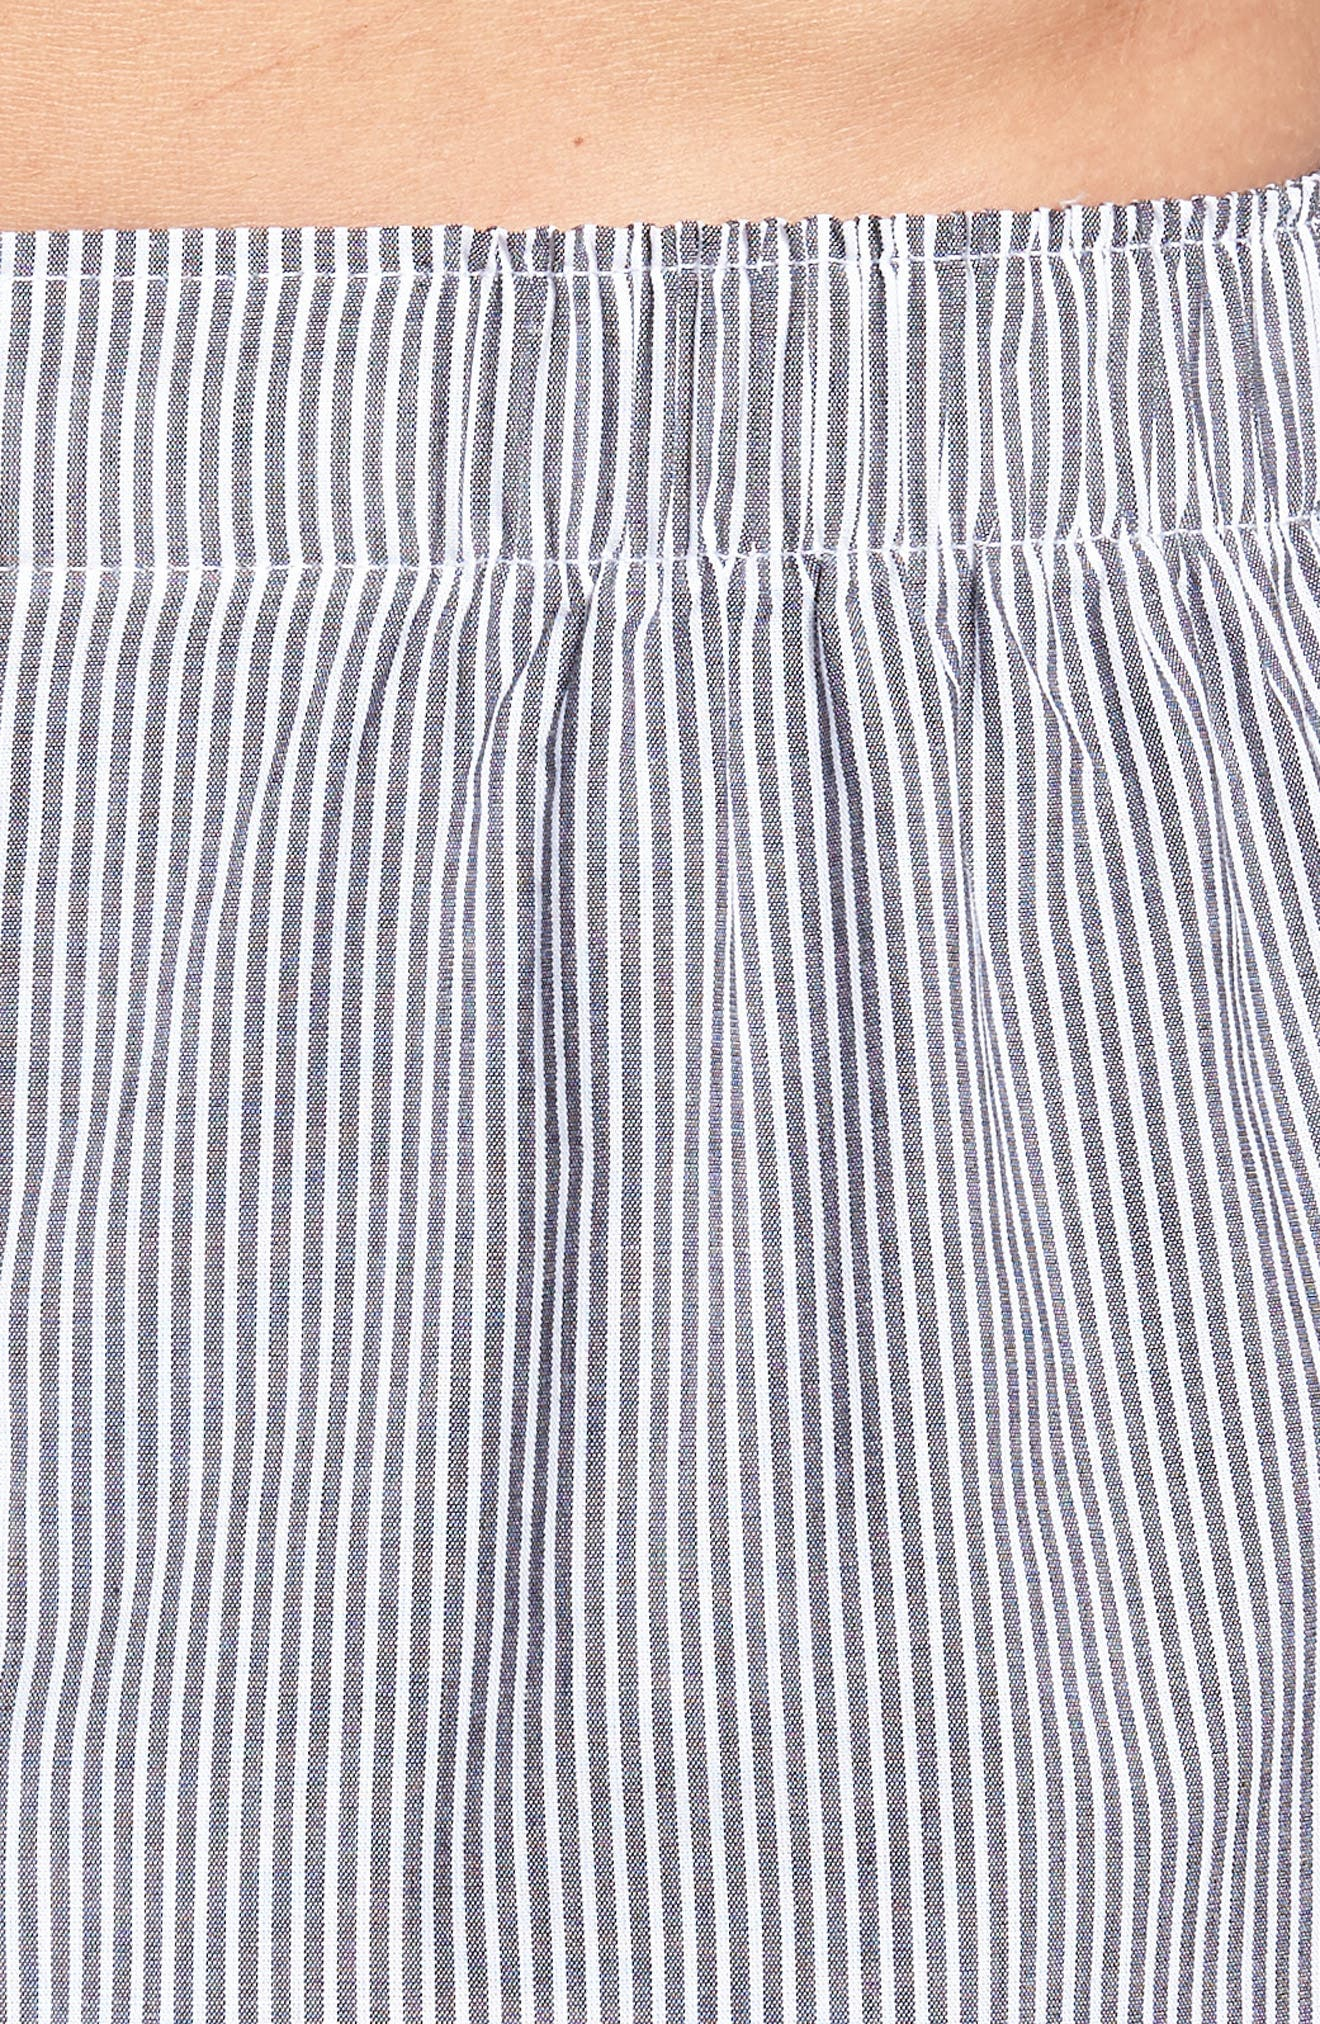 LAUREN RALPH LAUREN, Polo Ralph Lauren 3-Pack Cotton Boxers, Alternate thumbnail 5, color, BS/SP/PBD